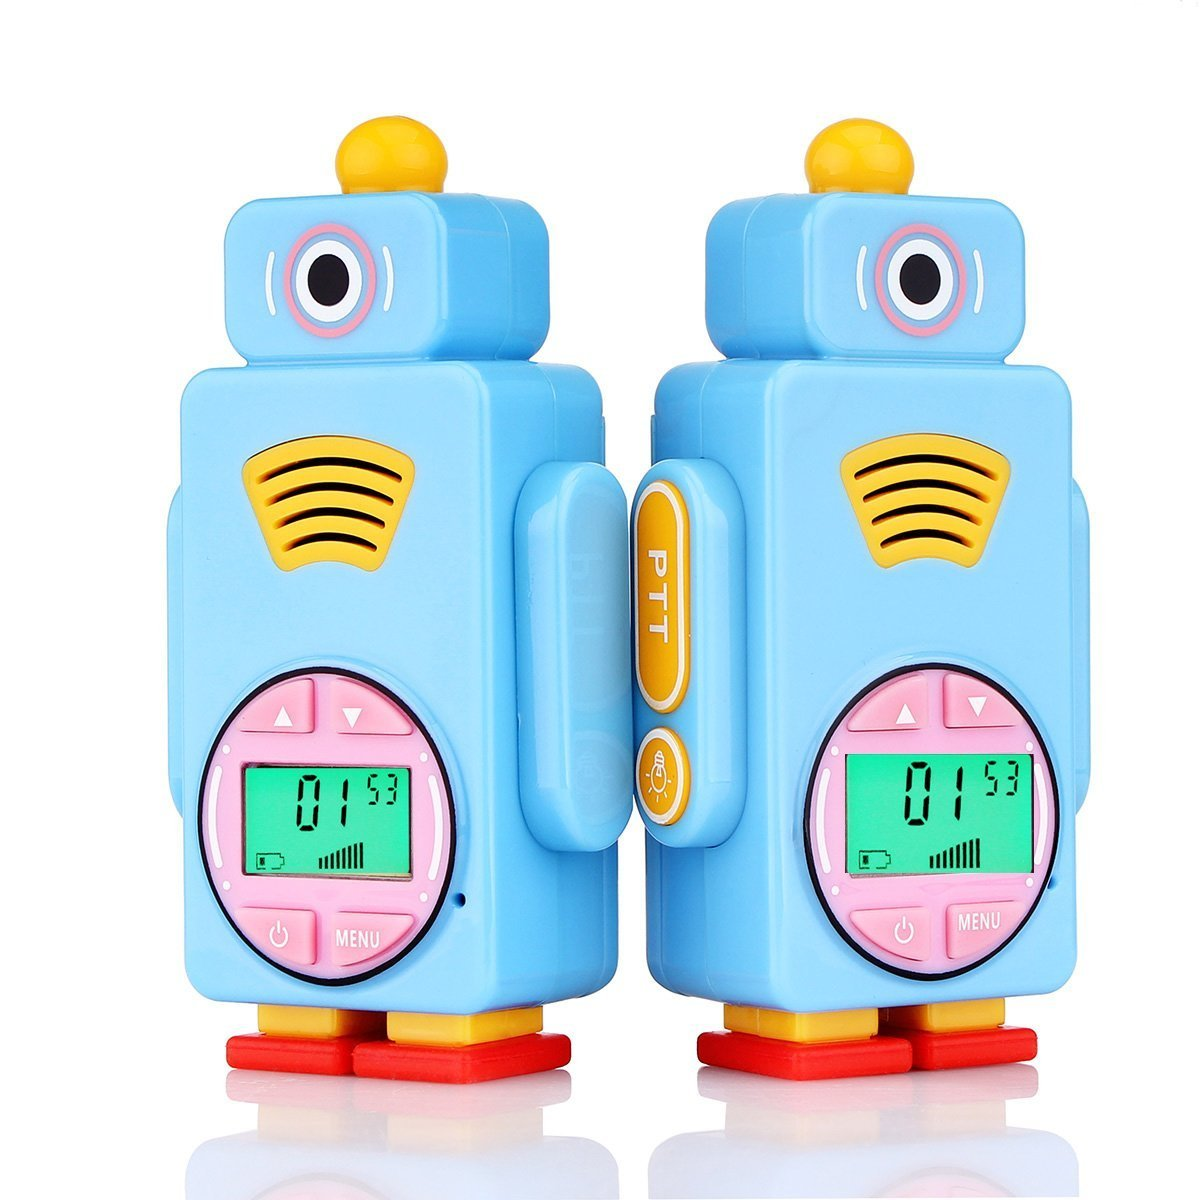 Bleu, 1 Paire Retevis RT36 Talkie Walkie Enfants Rechargeable PMR446 8 Canaux 7 Couleurs Diff/érentes de l/'/écran LCD Fonction VOX Lampe de Poche Talkie Walkie Jouet